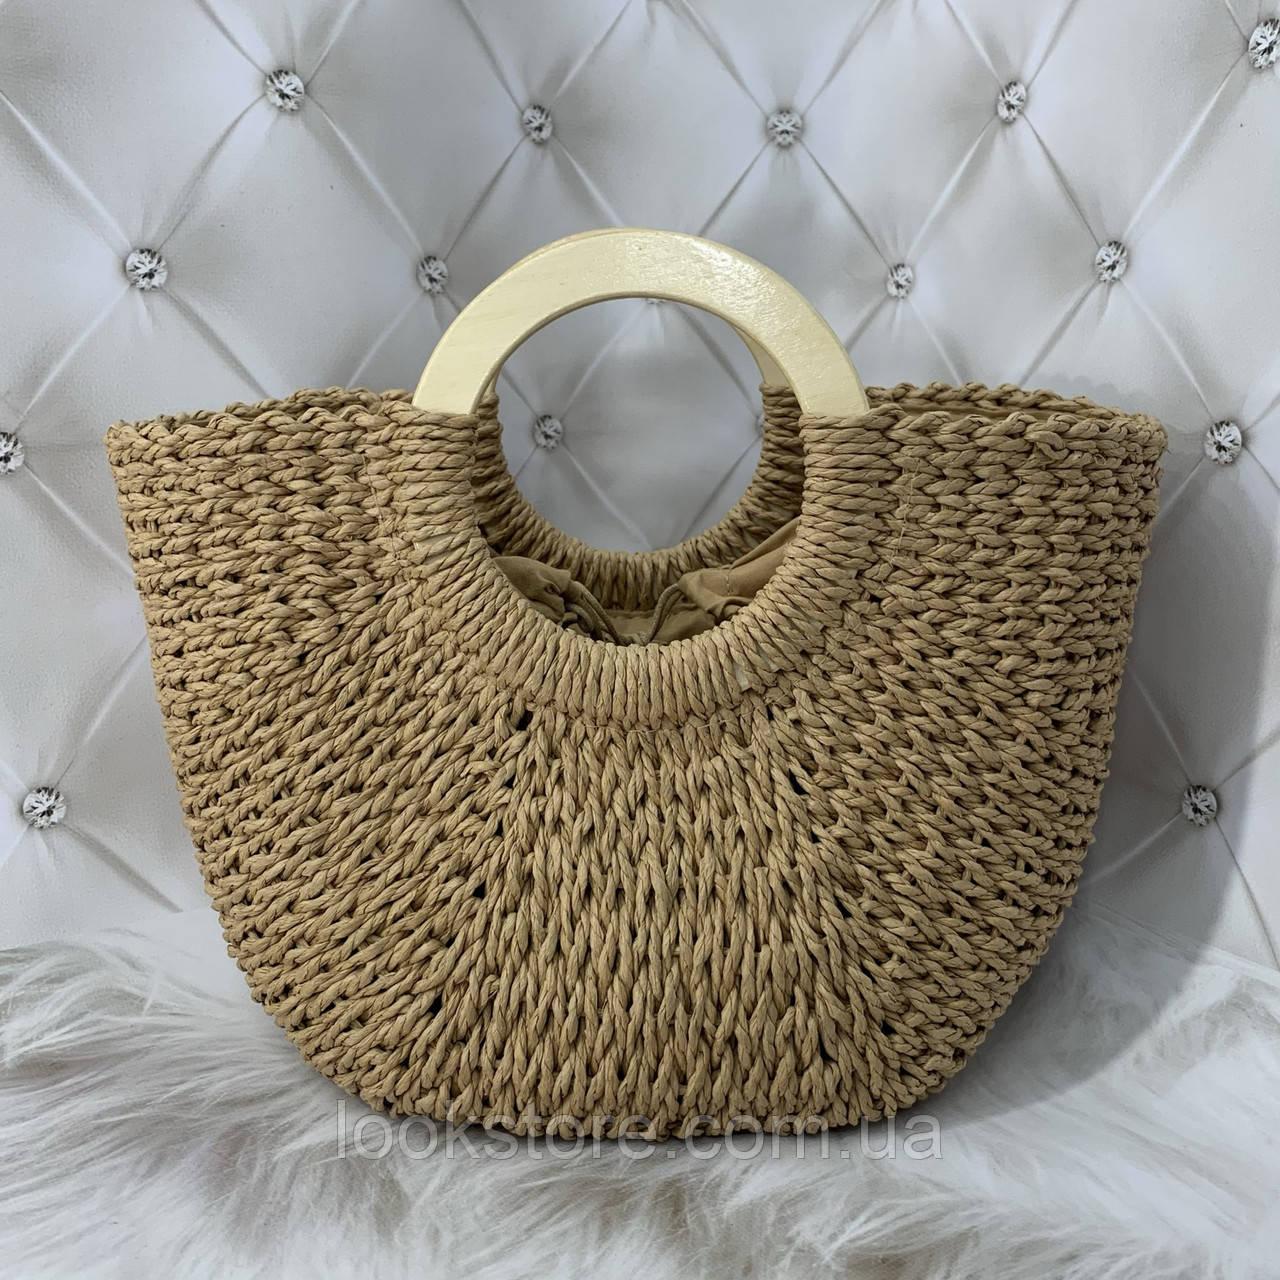 Женская летняя плетеная сумка Полумесяц с деревянными ручками бежевая